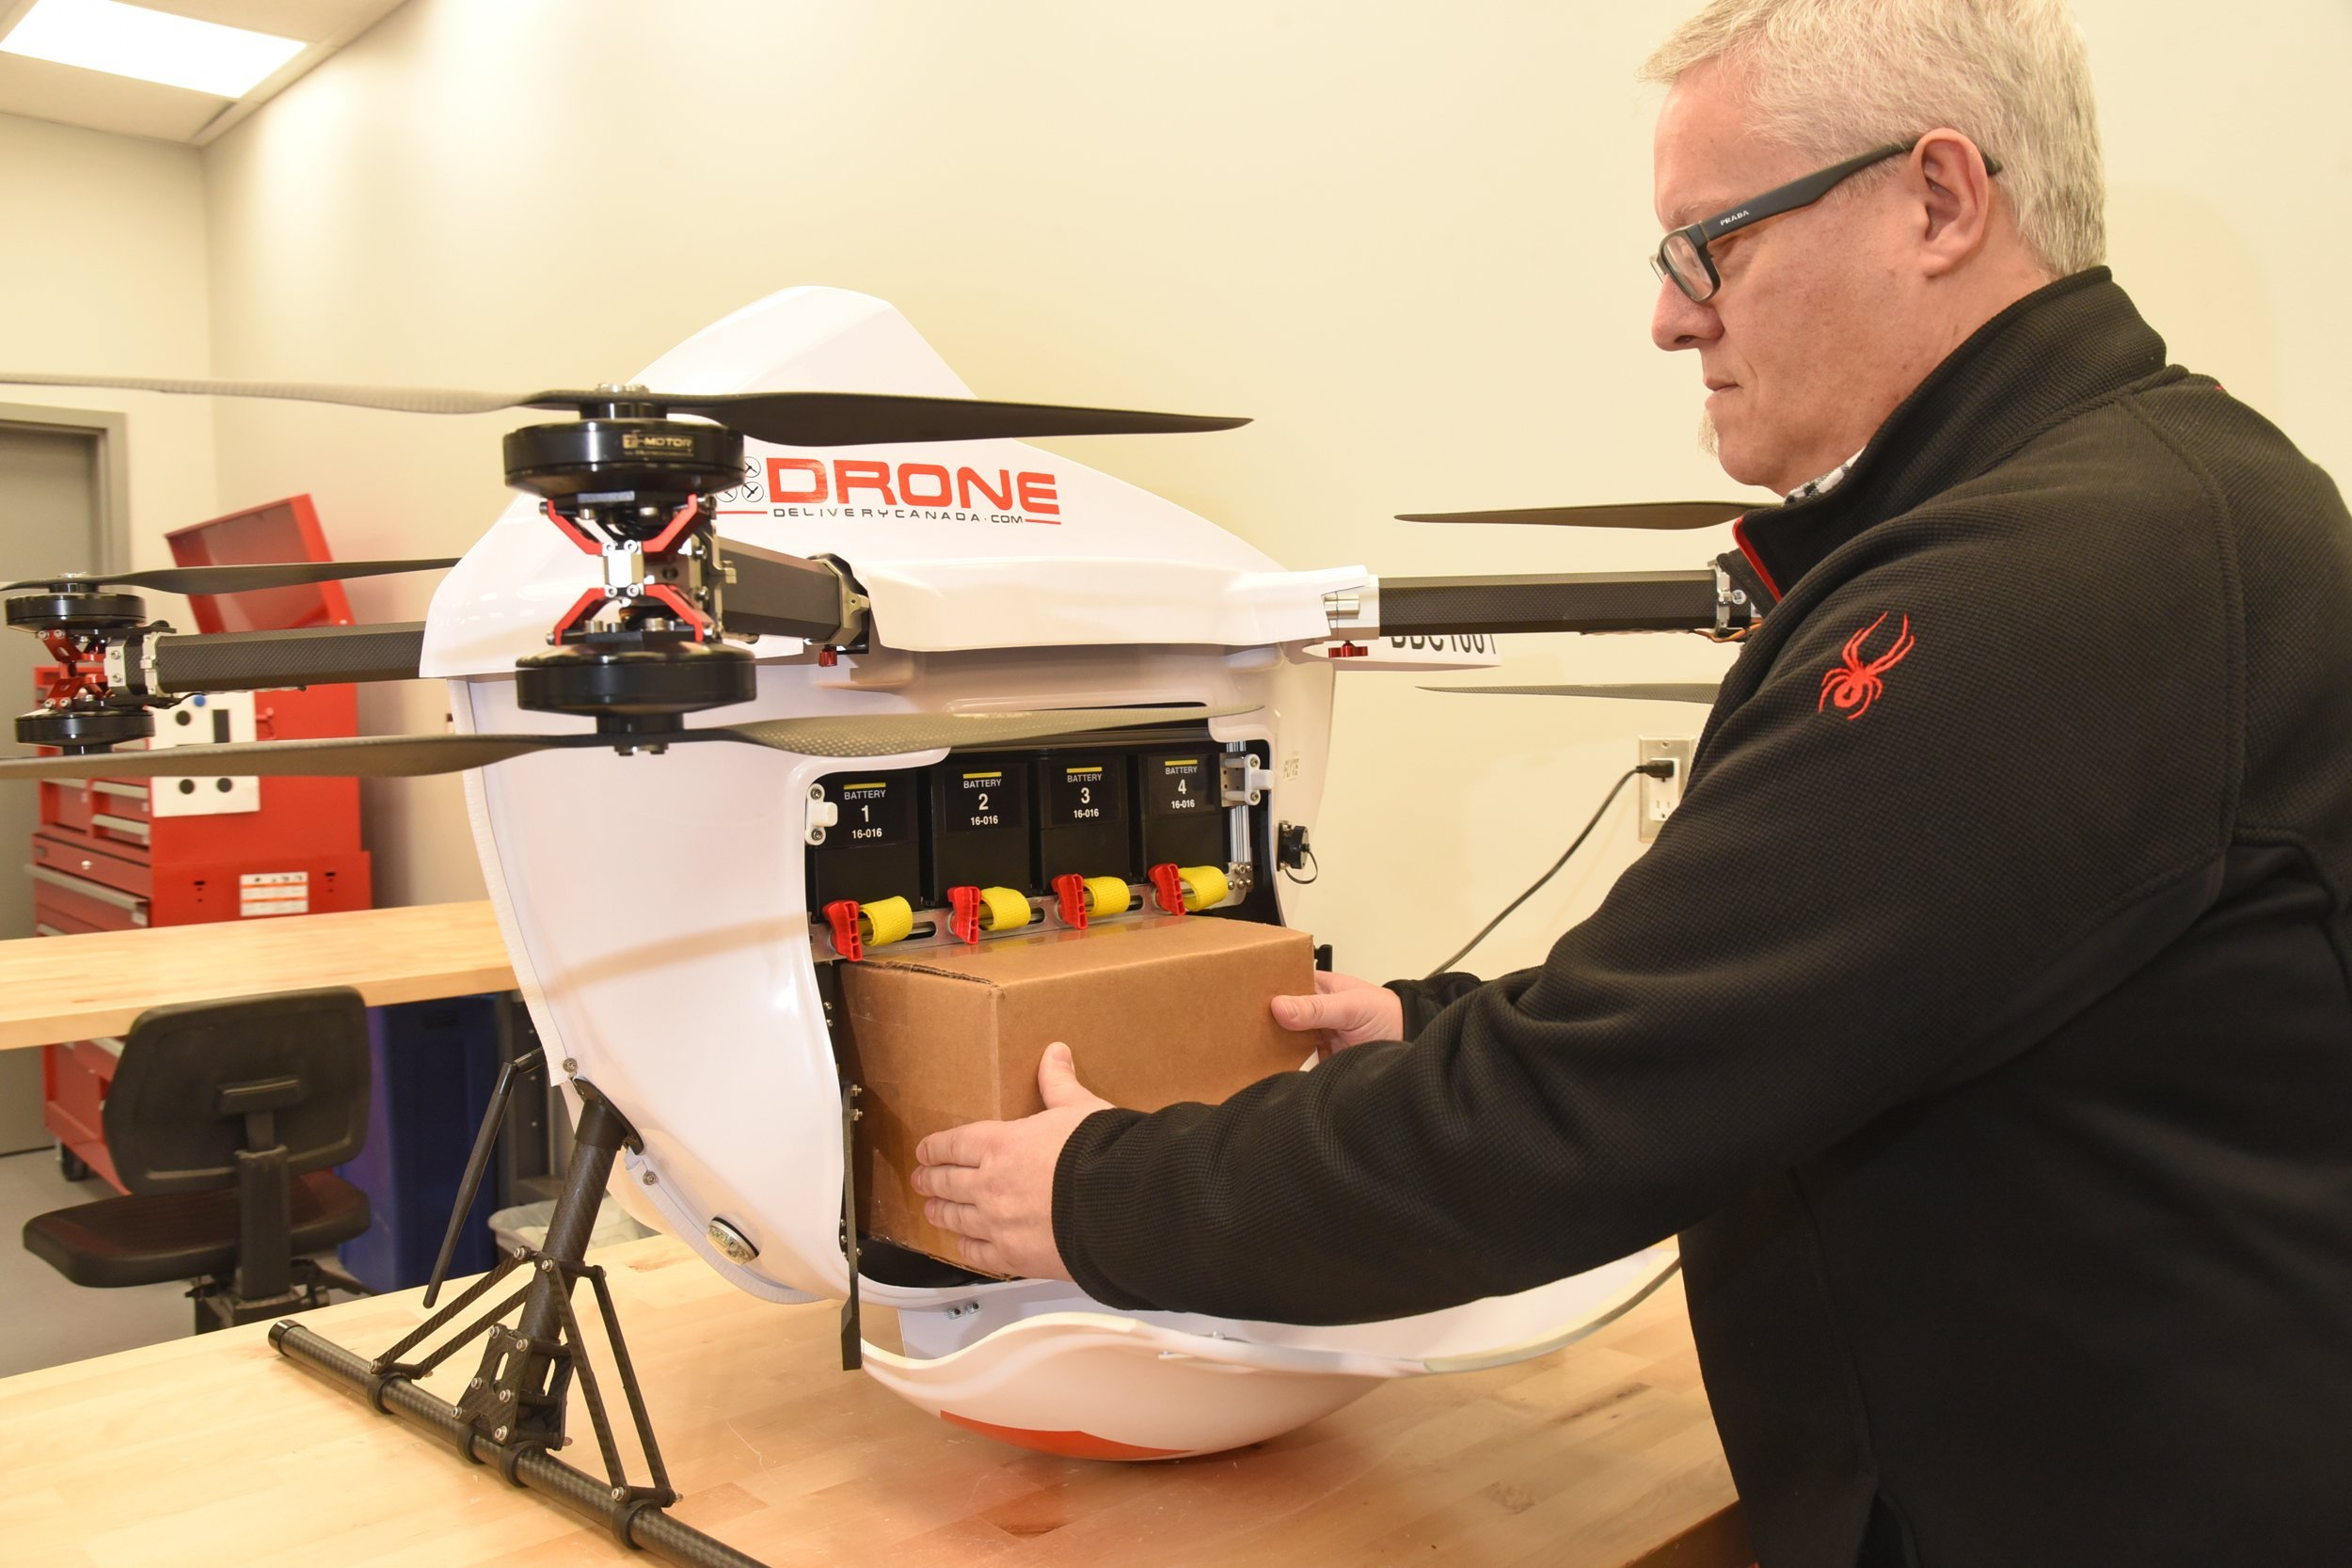 Drone Deliver Canada